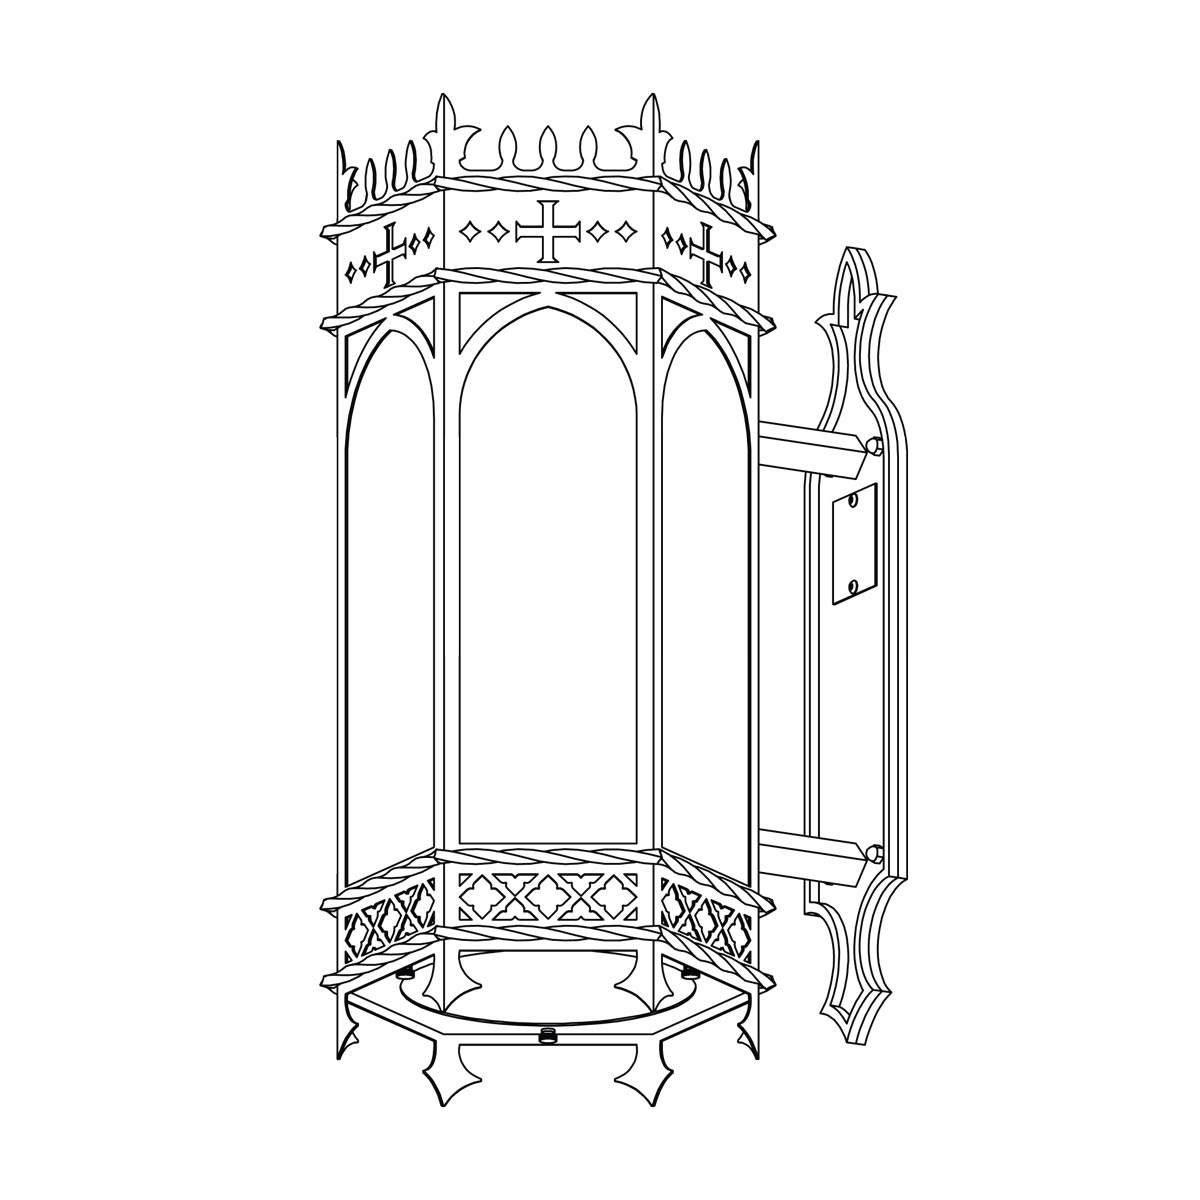 Exterior Modified St. Dunstan's Bracket Sconce